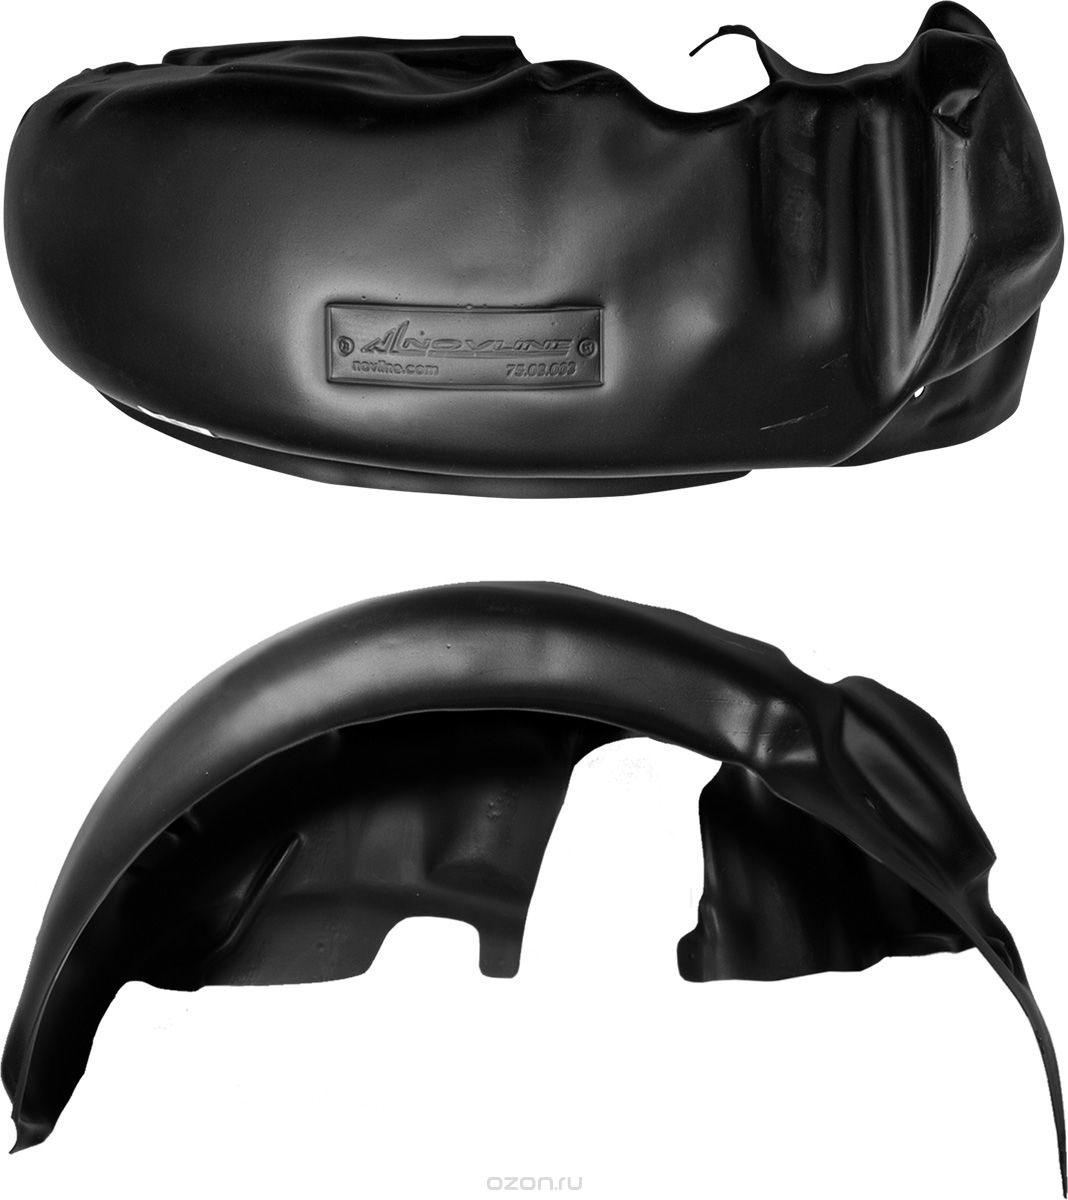 Подкрылок Novline-Autofamily, для Peugeot Boxer, 2006->, с расширителями арок, задний правыйNLL.38.13.004Идеальная защита колесной ниши. Локеры разработаны с применением цифровых технологий, гарантируют максимальную повторяемость поверхности арки. Изделия устанавливаются без нарушения лакокрасочного покрытия автомобиля, каждый подкрылок комплектуется крепежом. Уважаемые клиенты, обращаем ваше внимание, что фотографии на подкрылки универсальные и не отражают реальную форму изделия. При этом само изделие идет точно под размер указанного автомобиля.